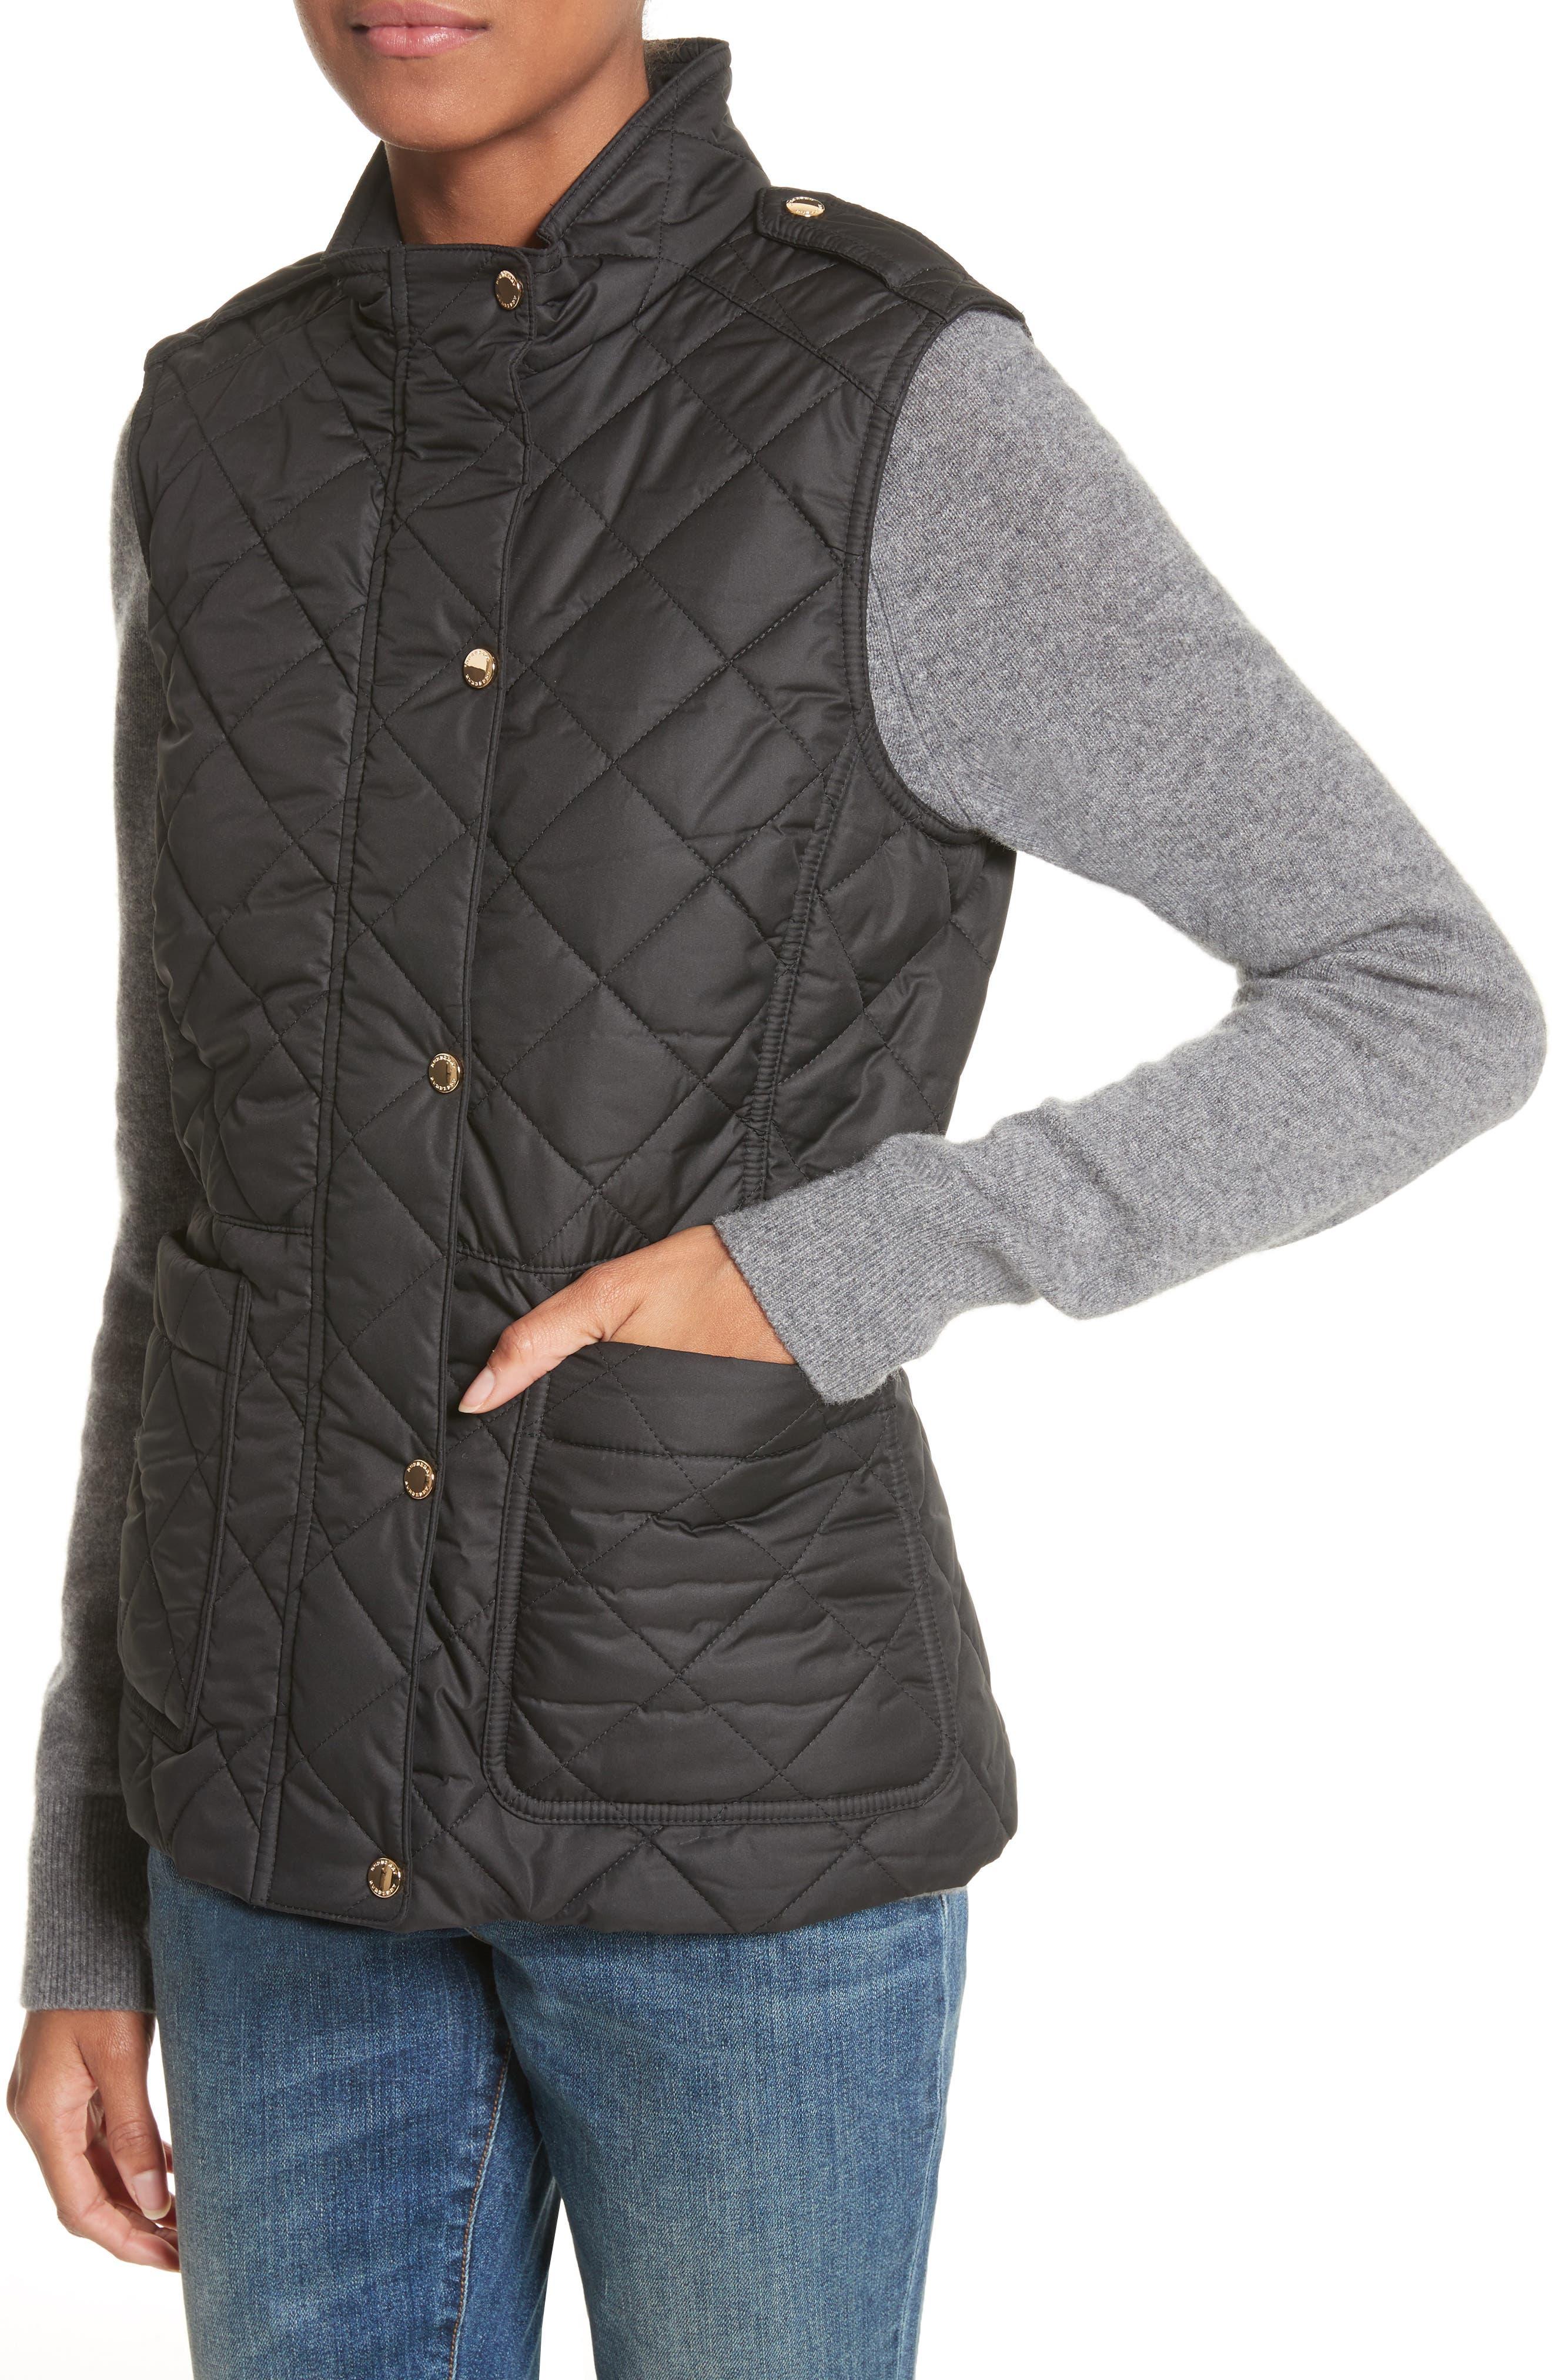 Westleton Quilted Vest,                             Alternate thumbnail 4, color,                             Black